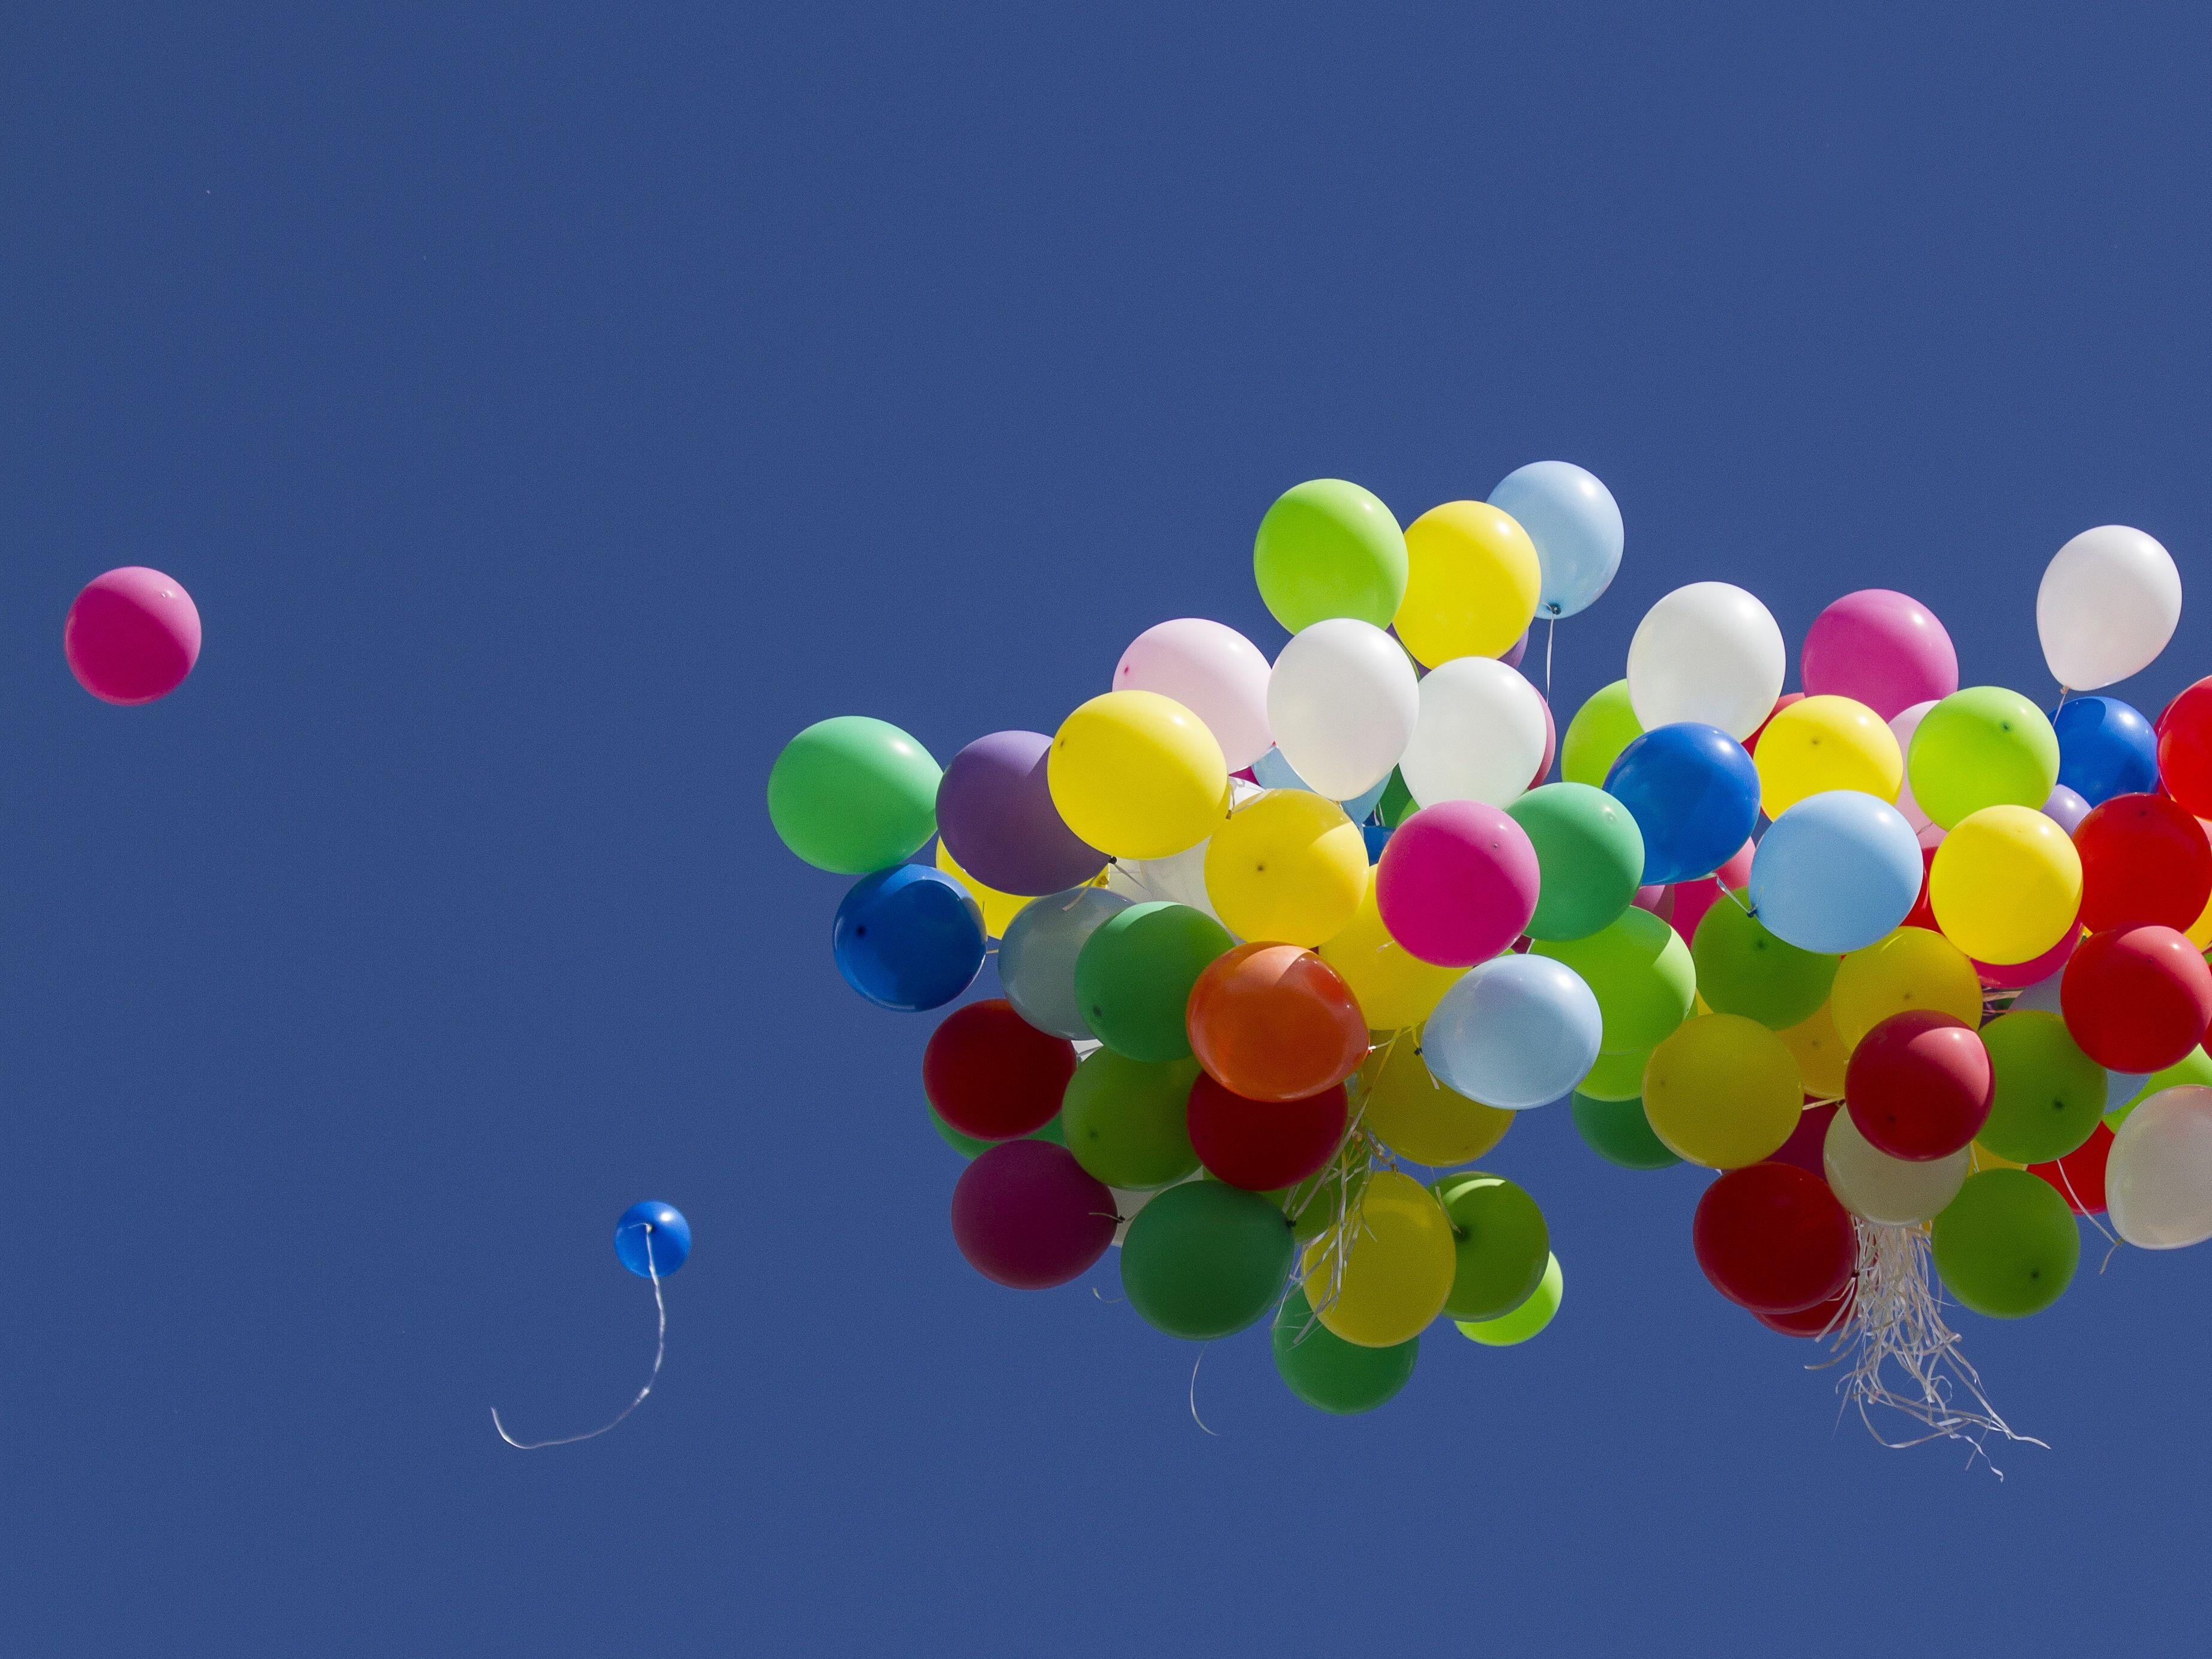 Vypouštění balónků nebo lampiónů do přírody není vhodnou oslavou